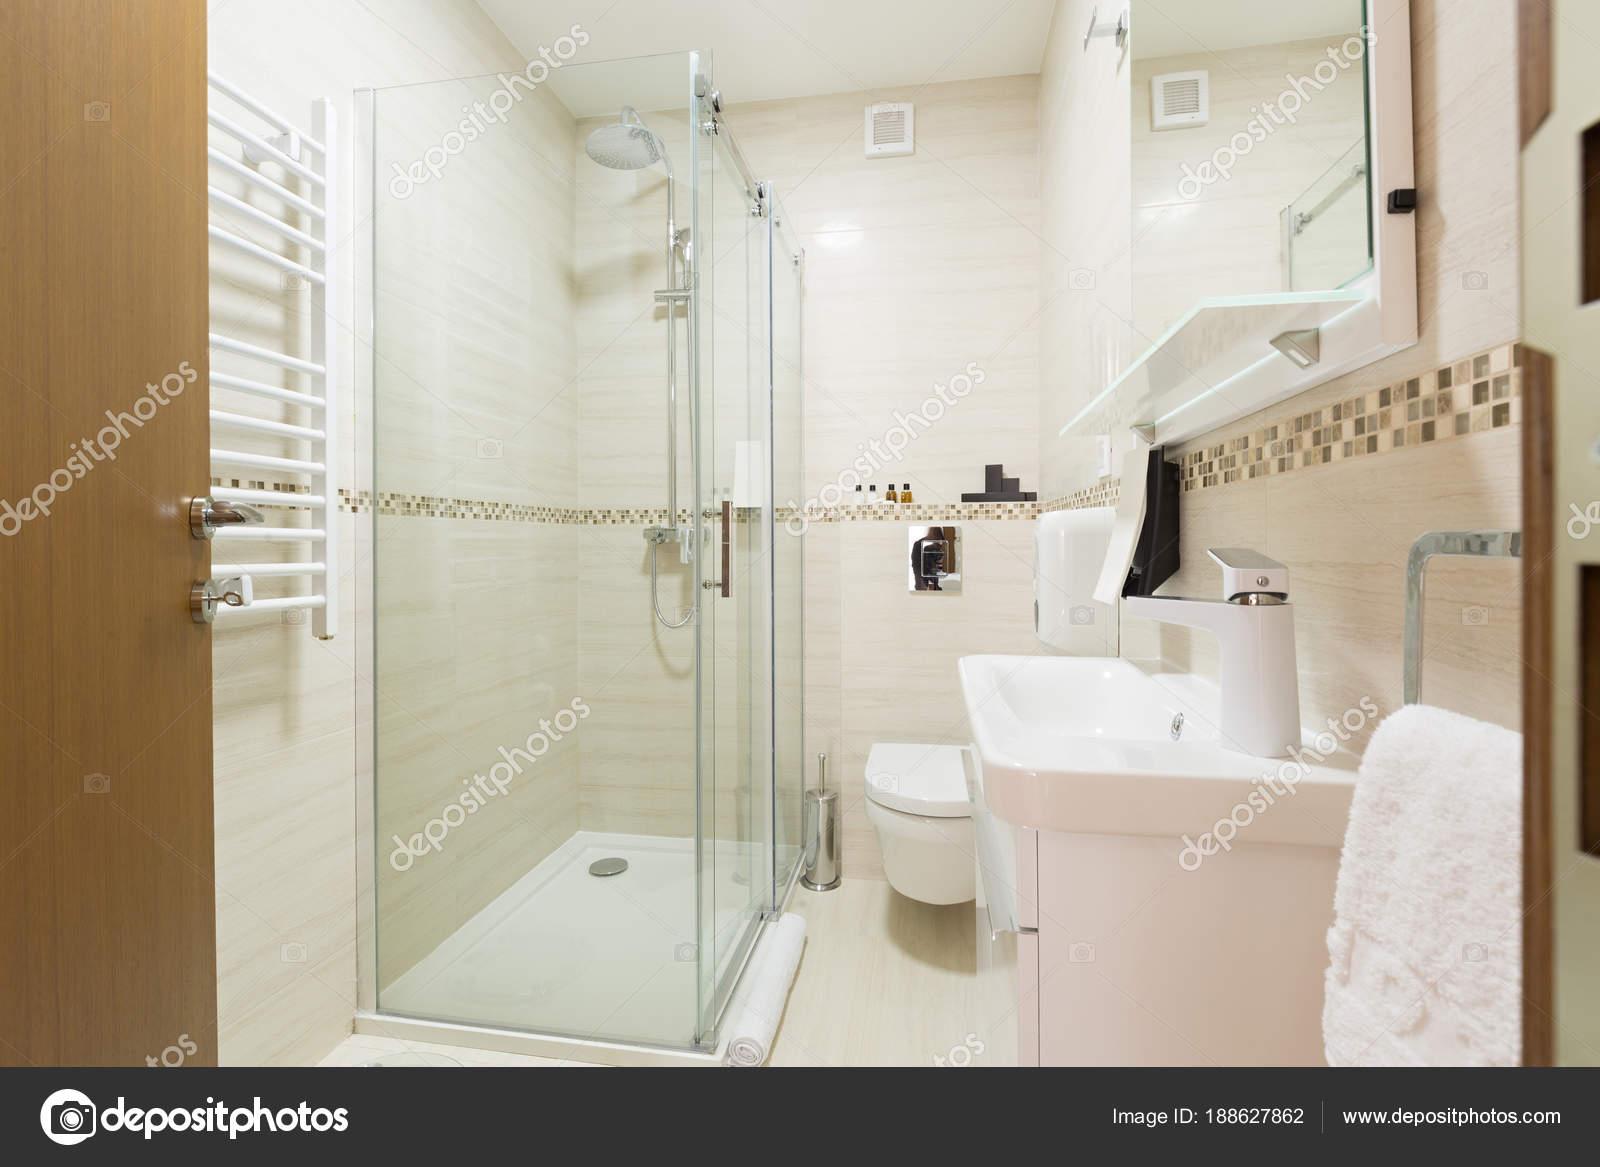 f7d1a50141 Interni di un bagno con cabina doccia — Foto Stock © rilueda #188627862